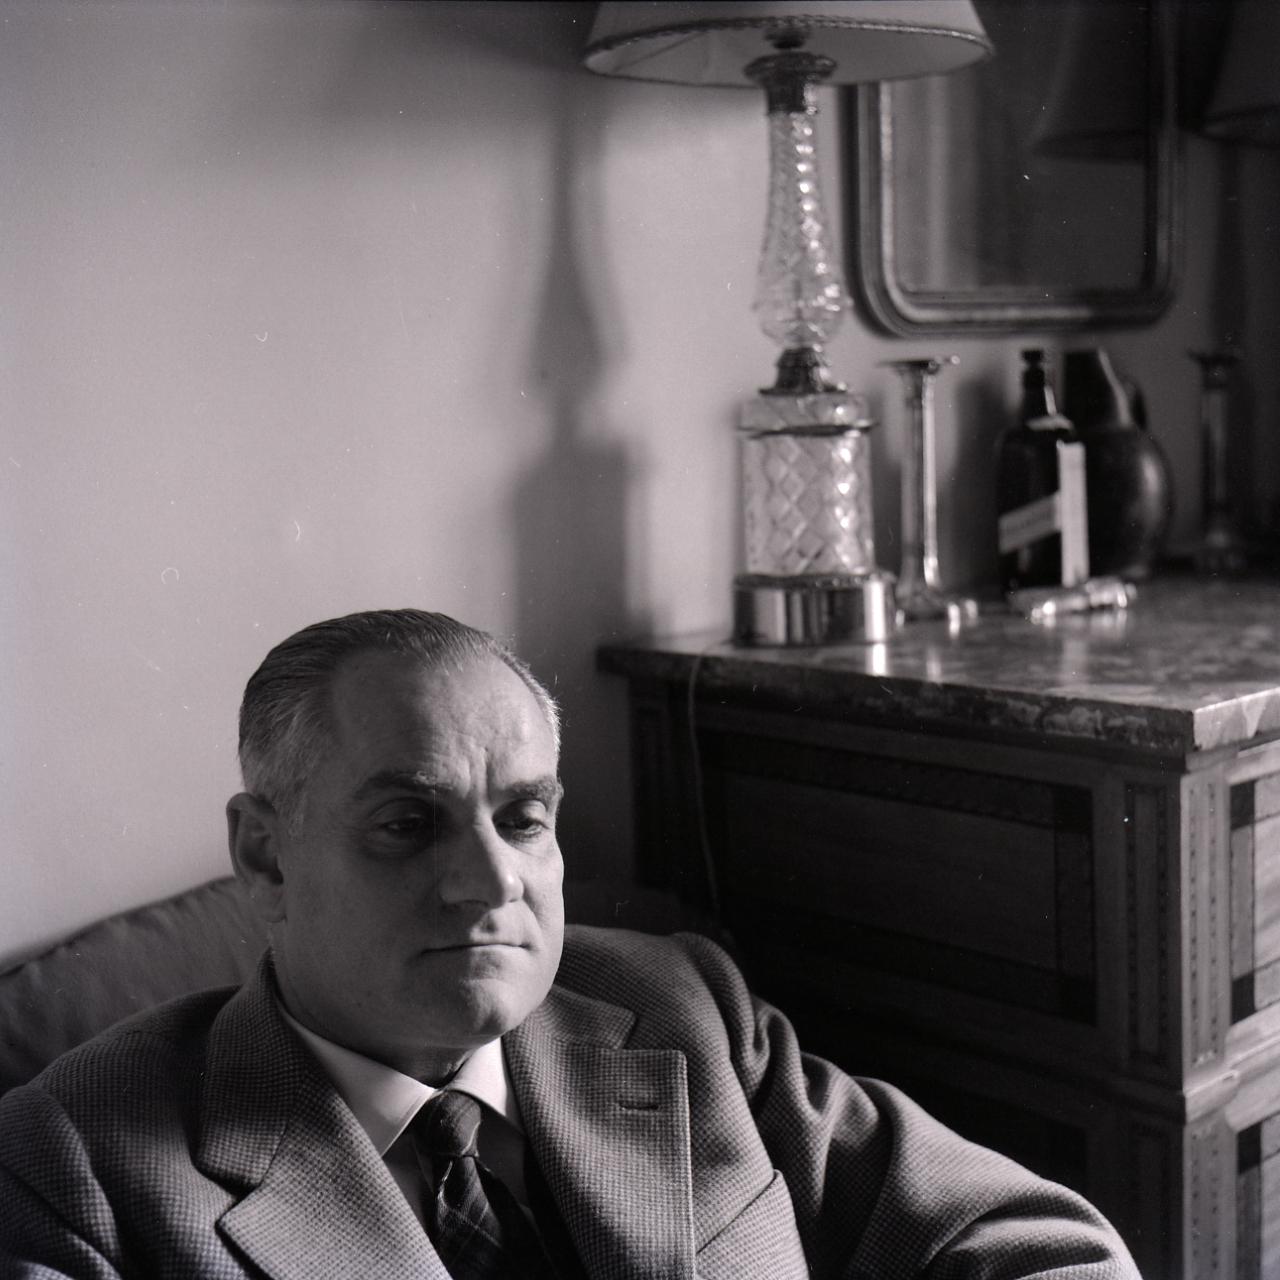 Alberto Moravia photographed by [[Paolo Monti]] (Fondo Paolo Monti, [[Biblioteca europea di informazione e cultura|BEIC]])